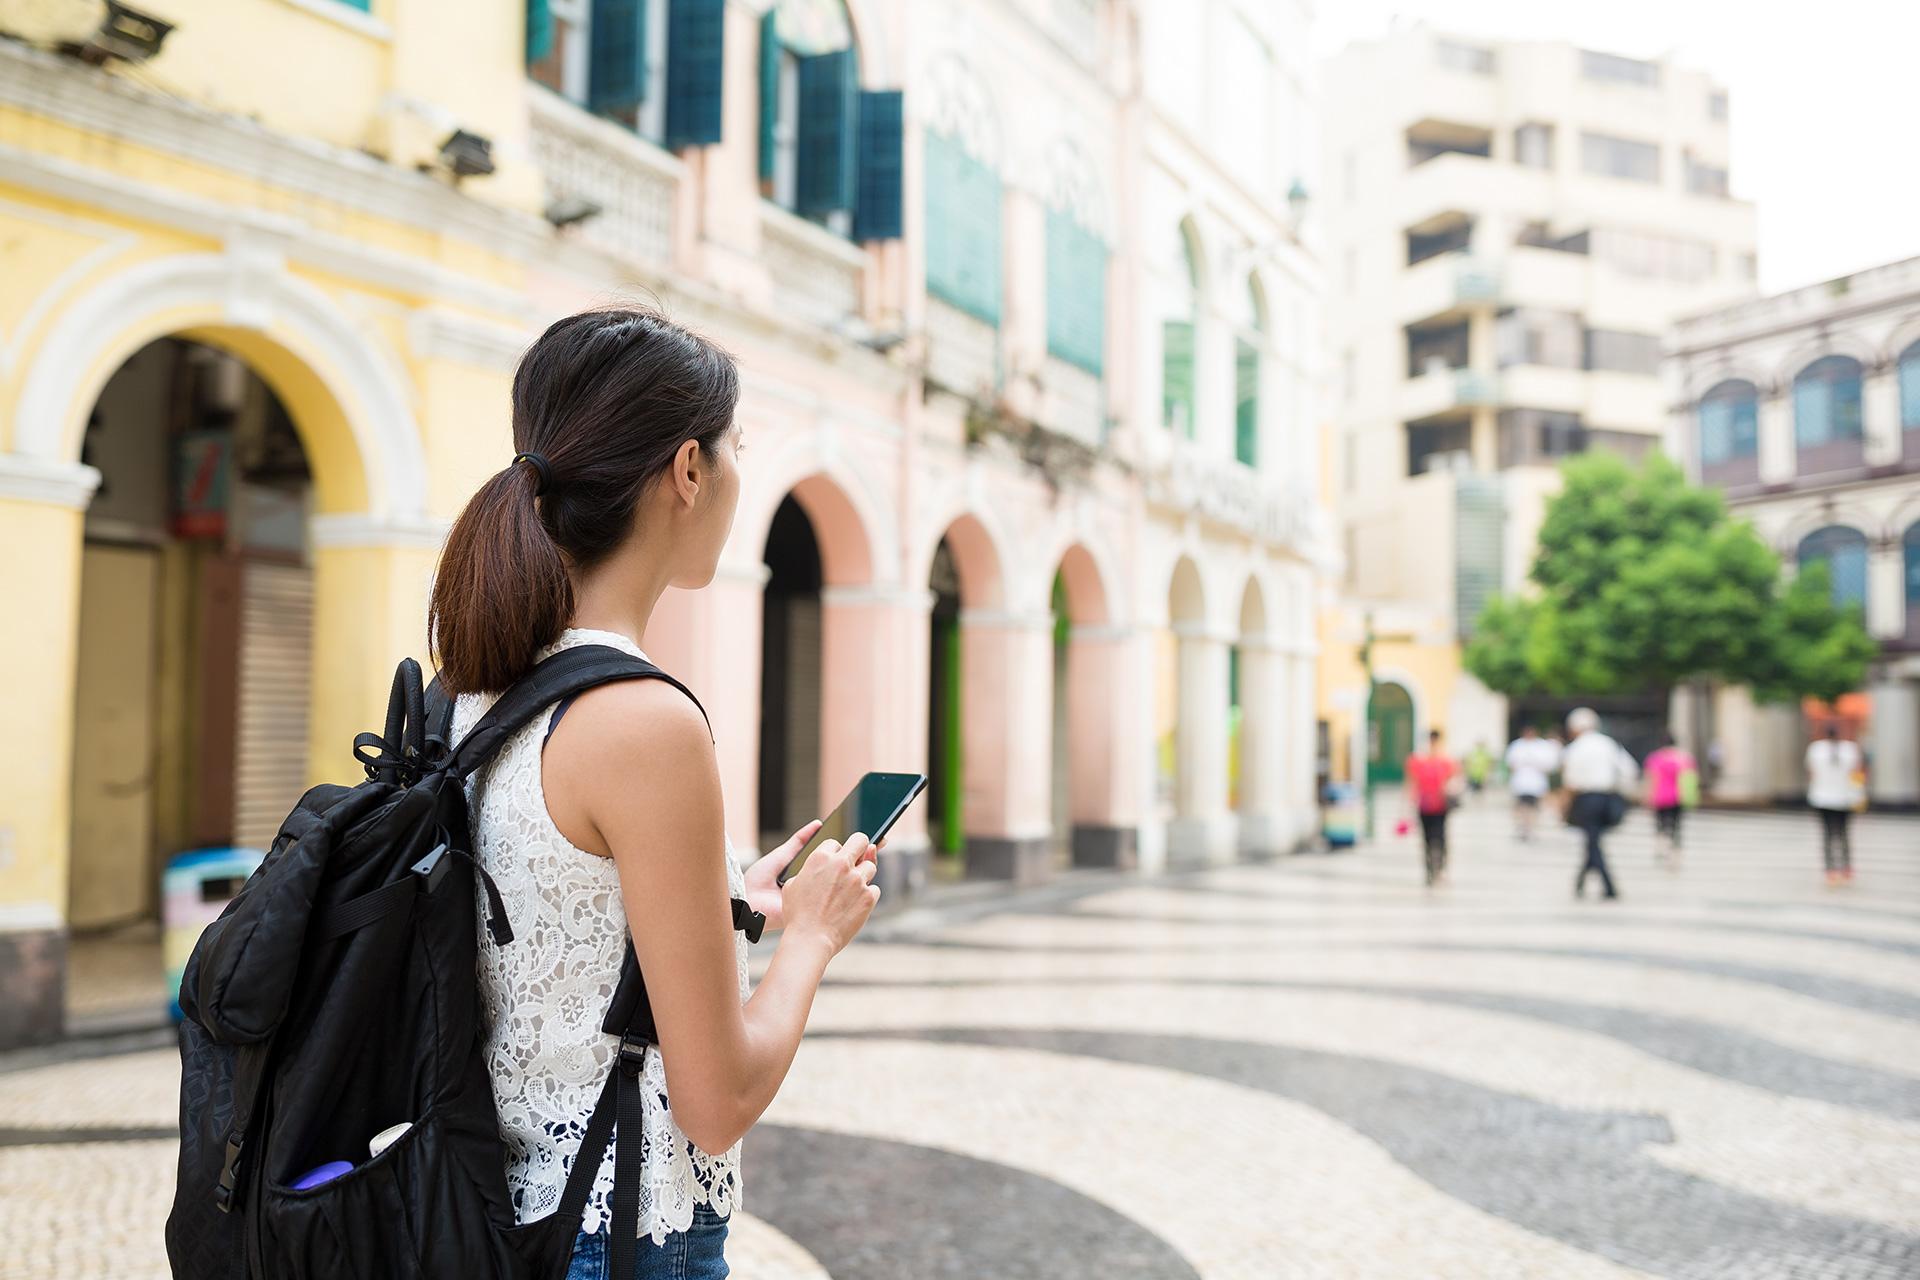 Turystka z plecakiem w mieście, ilustracja do artykułu o couchsurfingu